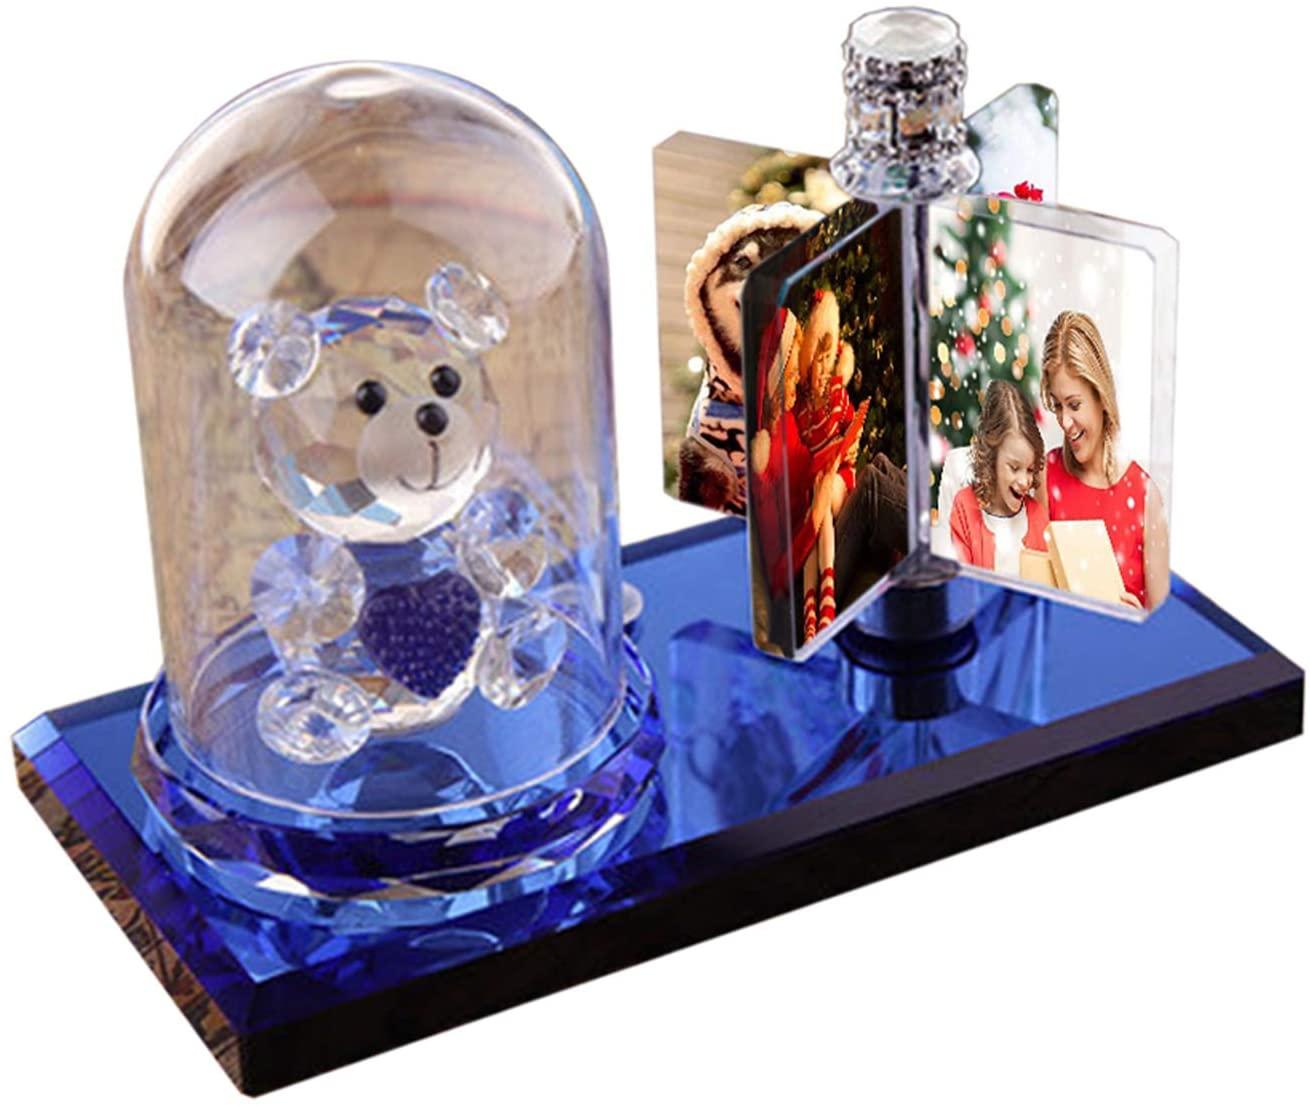 Personalized Lamp 7 Color Light Custom Photo Light 3D Crystal Photo Frame Rotatable LED Light Christmas for Women(Bear + Rectangular Album)